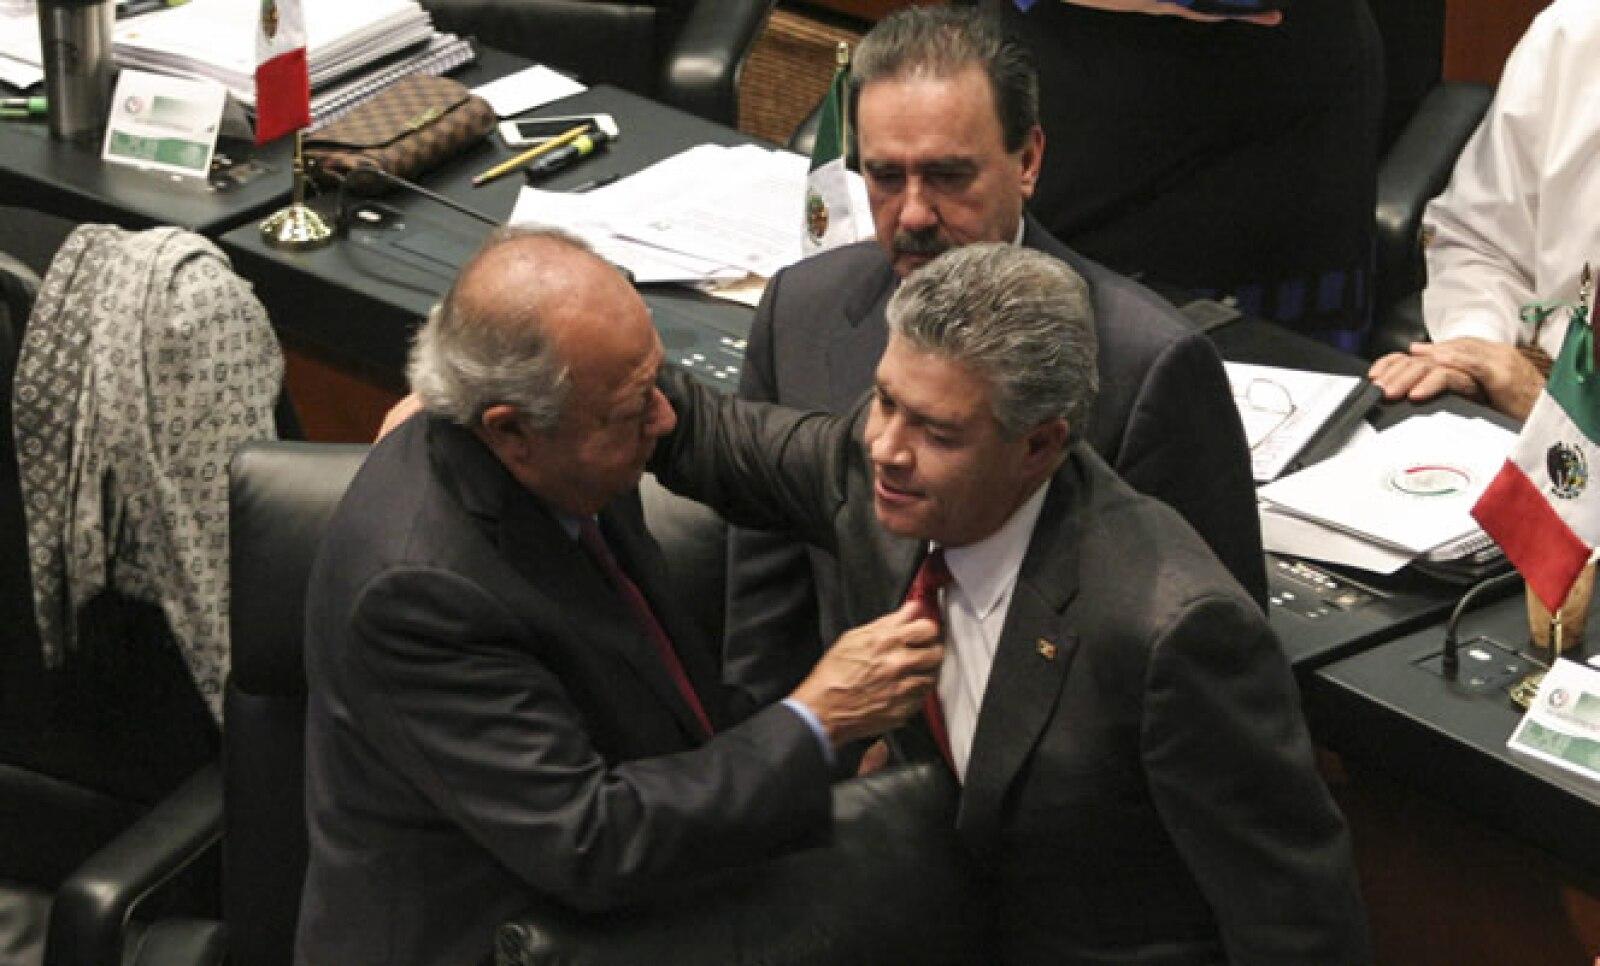 Los senadores aprobaron por la madrugada la reforma energética, que entre sus puntos plantea dejar fuera del Consejo de Administración de Pemex al sindicato petrolero liderado por Carlos Romero Deschamps (i).